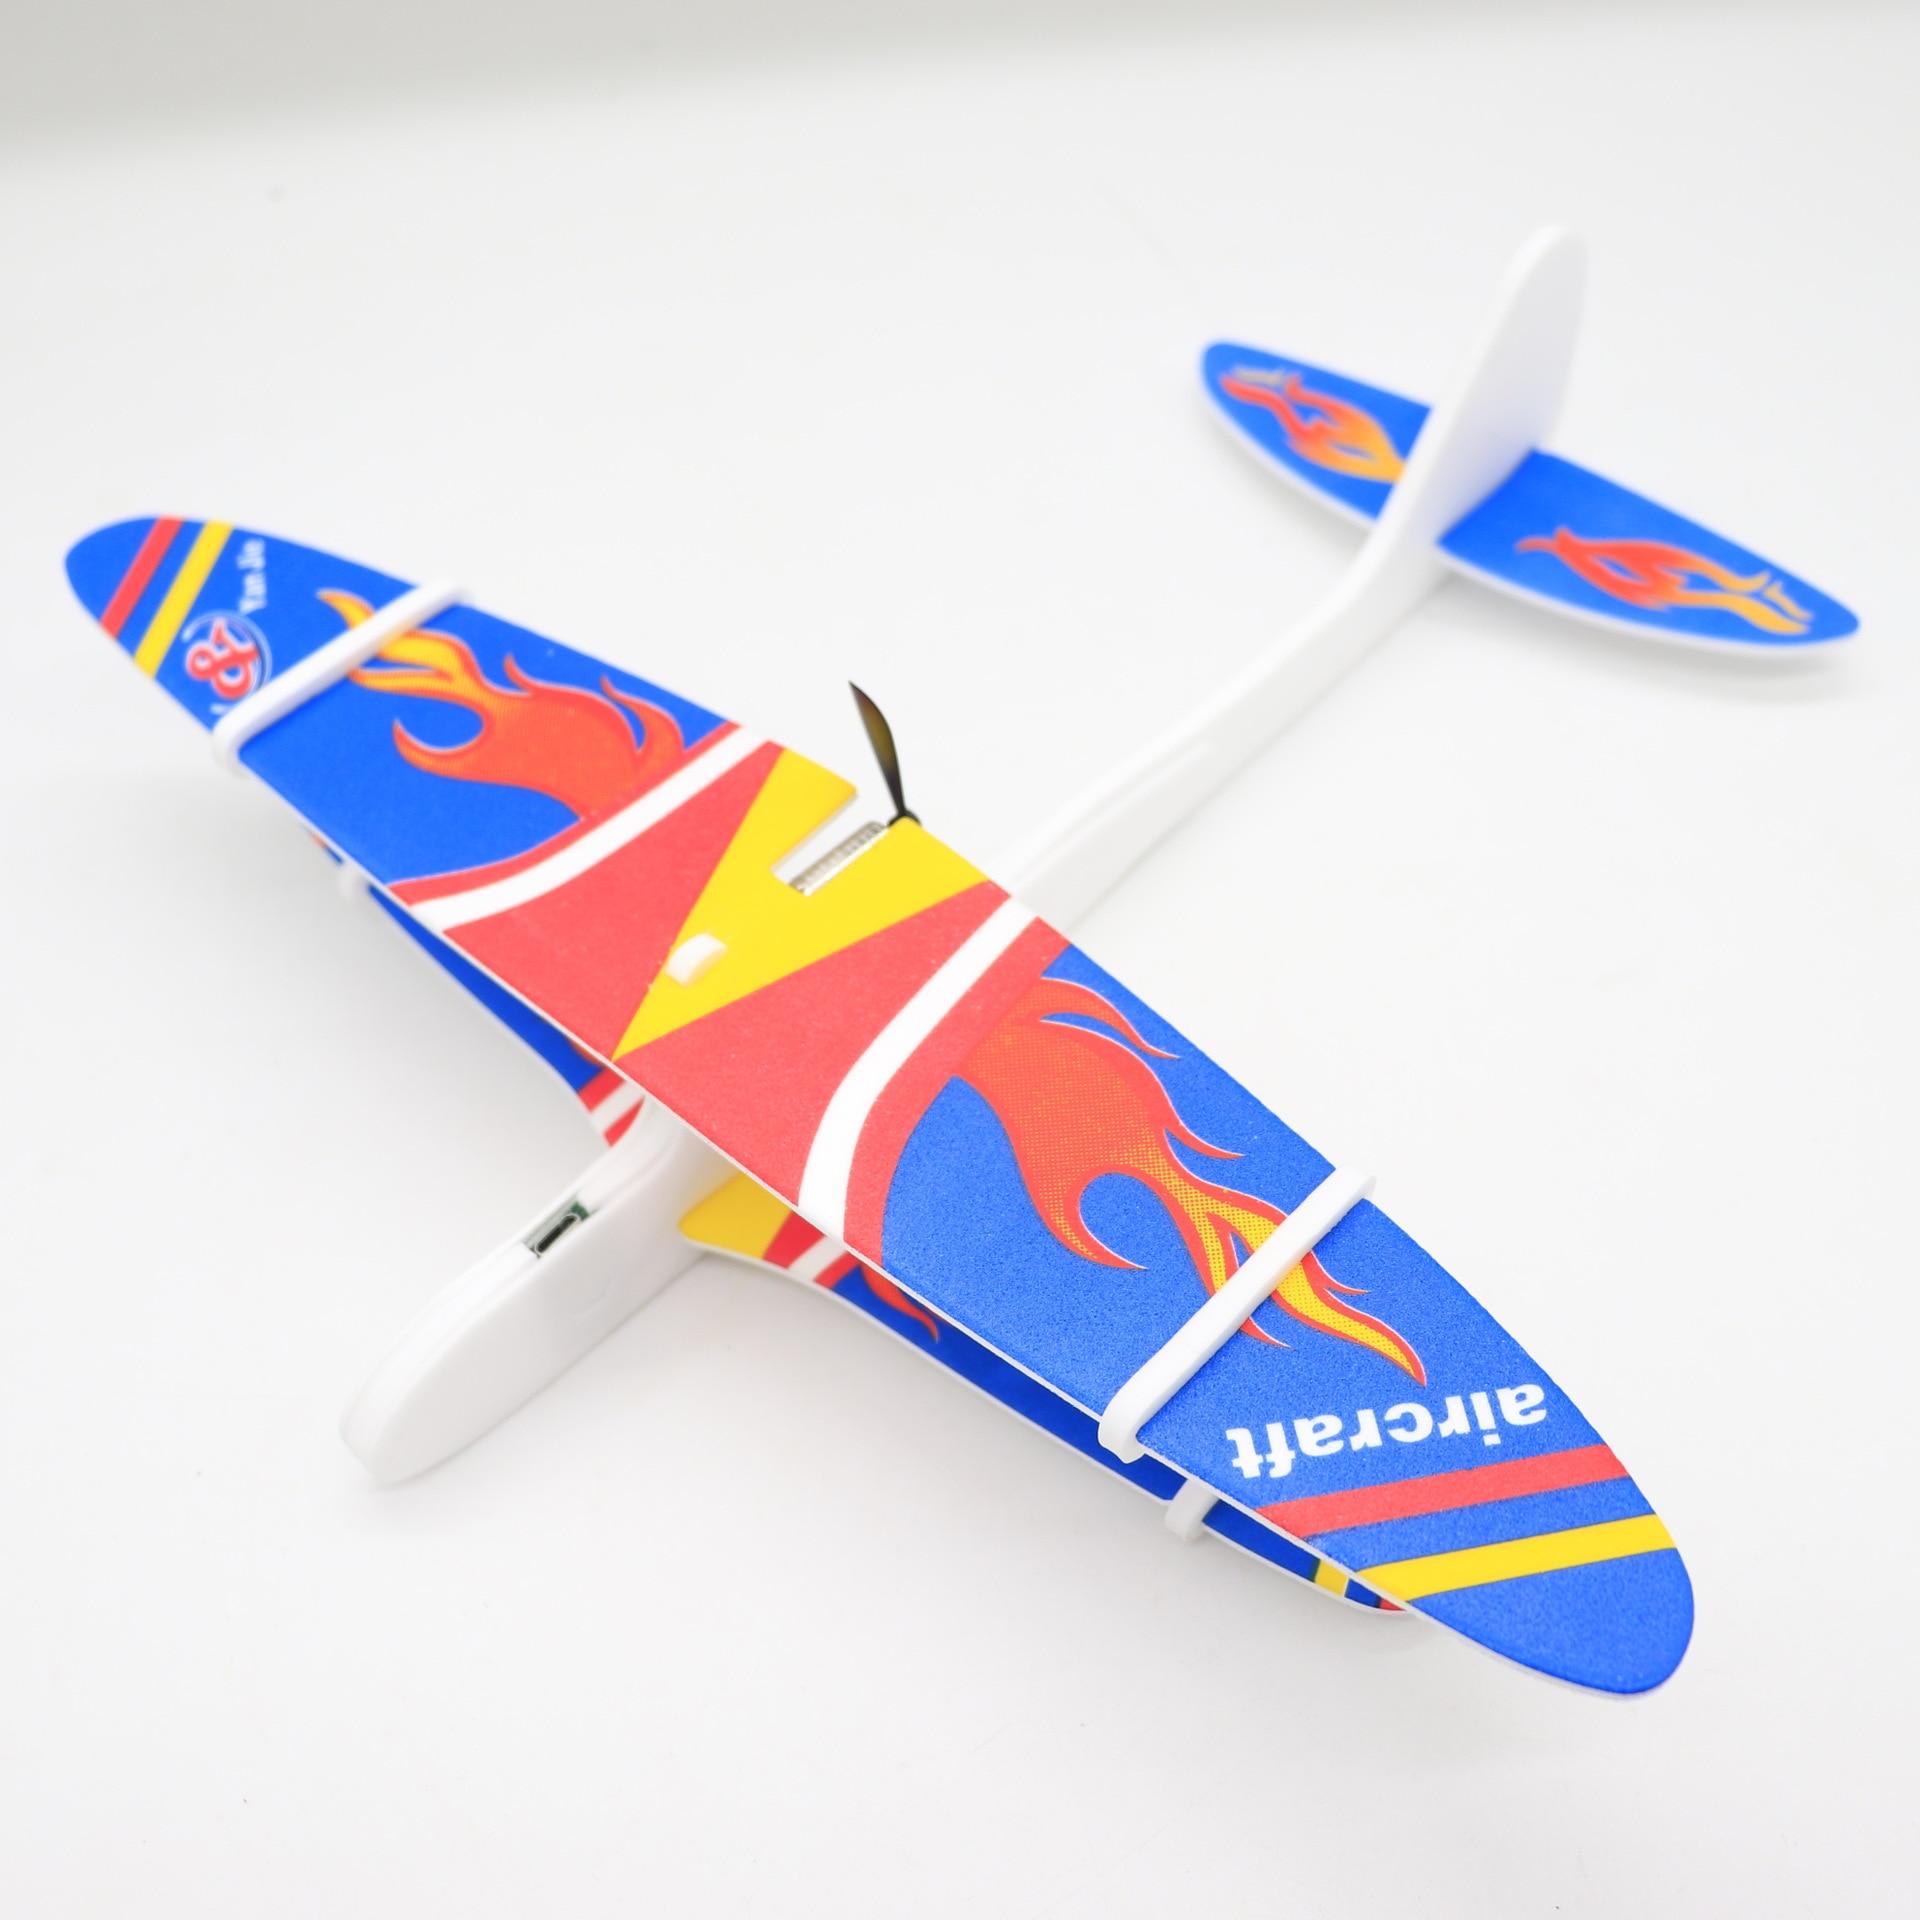 DIY Hand Throw Flying USB Electric Power Motor Glider Planes Foam ...